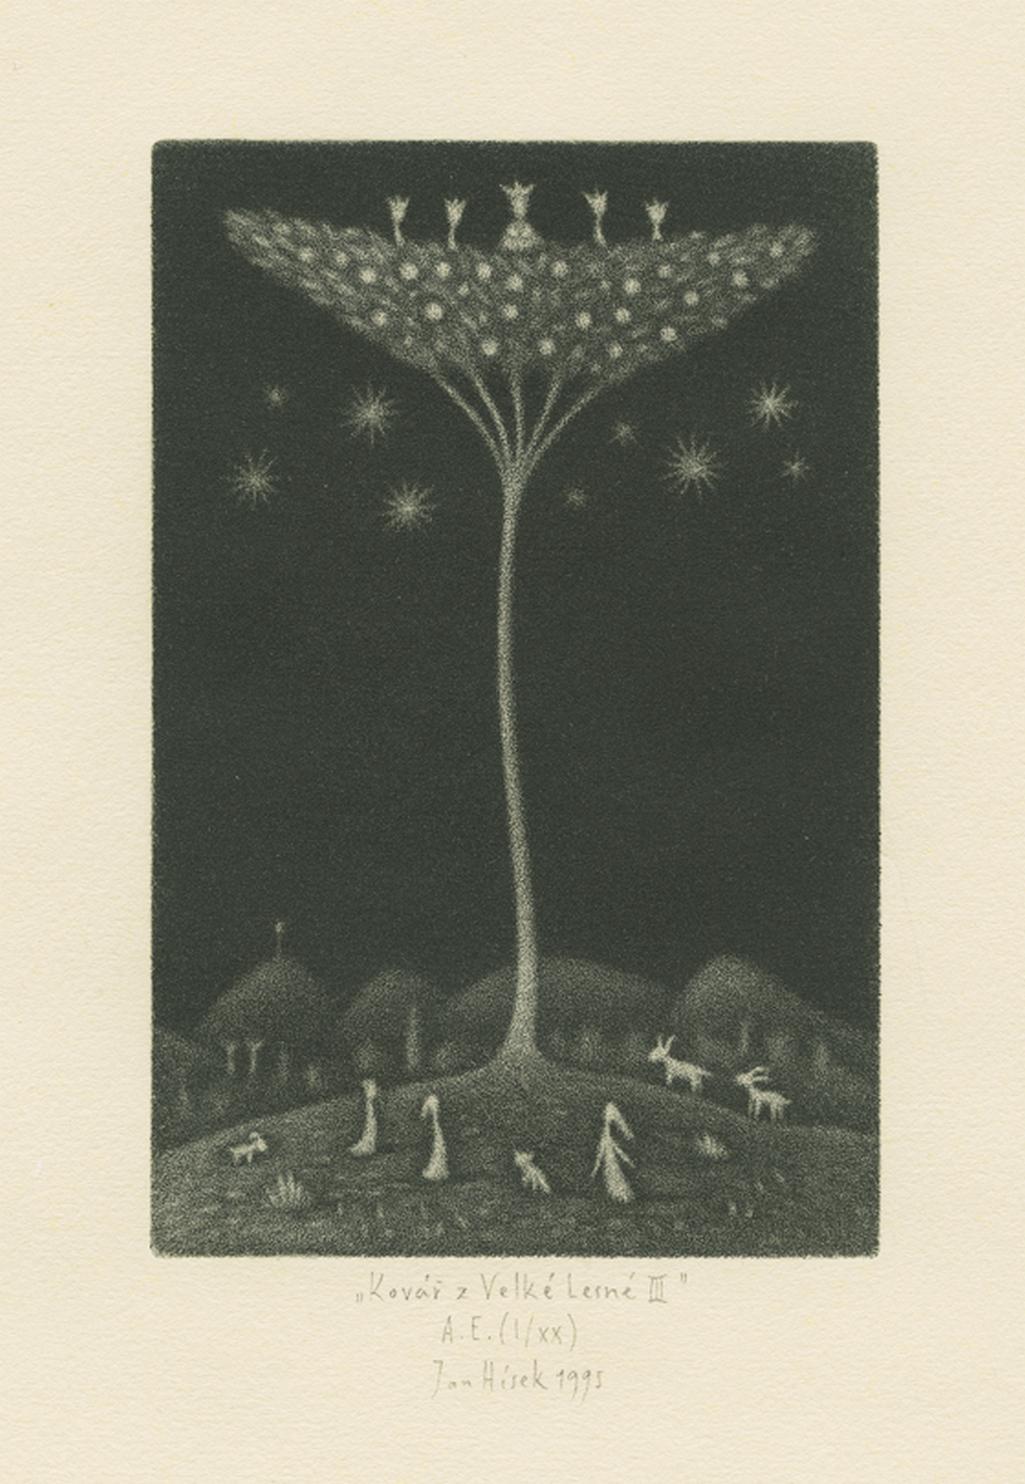 Ilustrace k pohádce J. R. R. Tolkiena Kovář z Velké Lesné